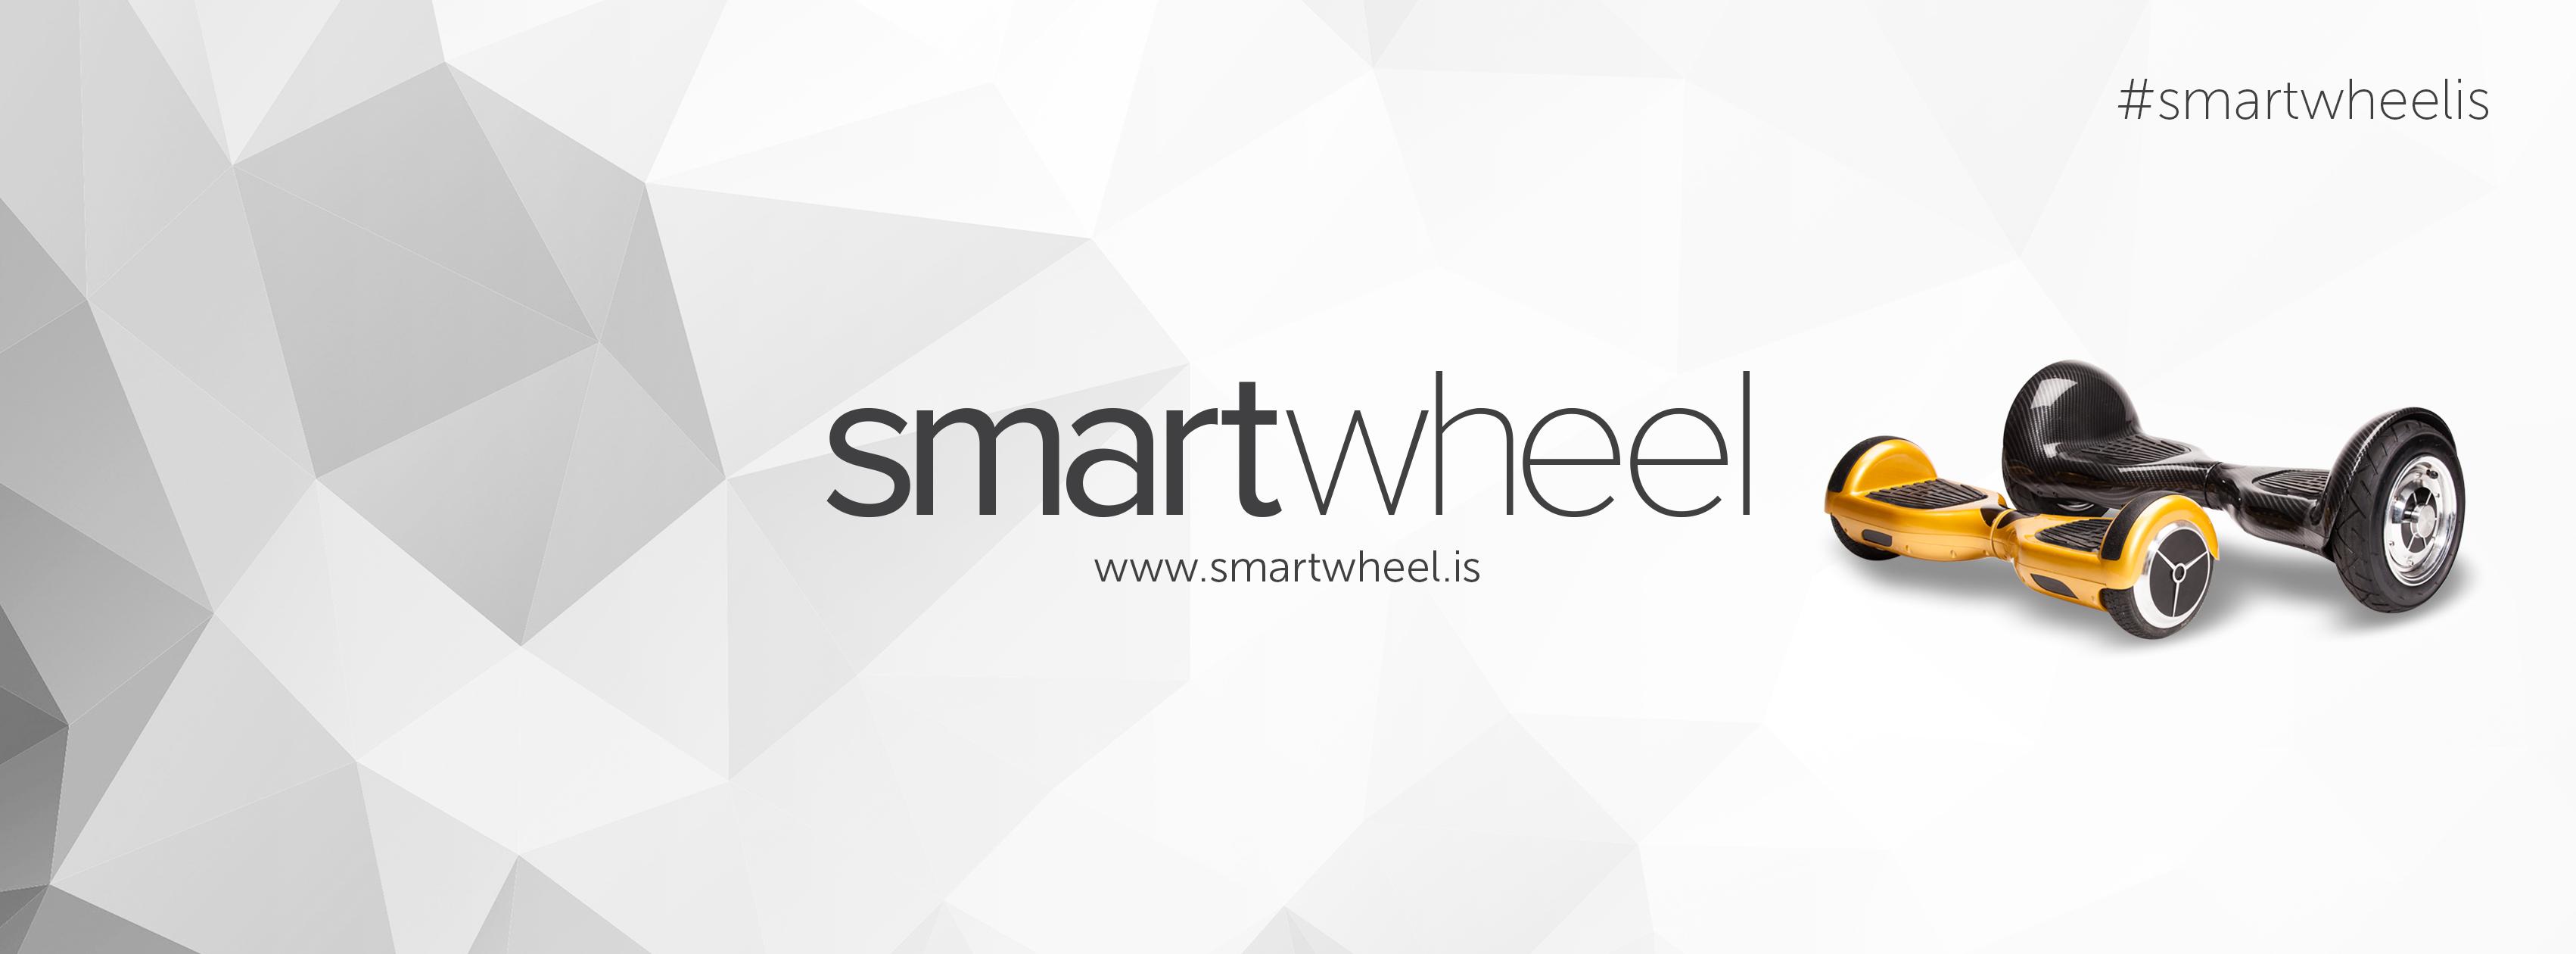 smartwheelcover